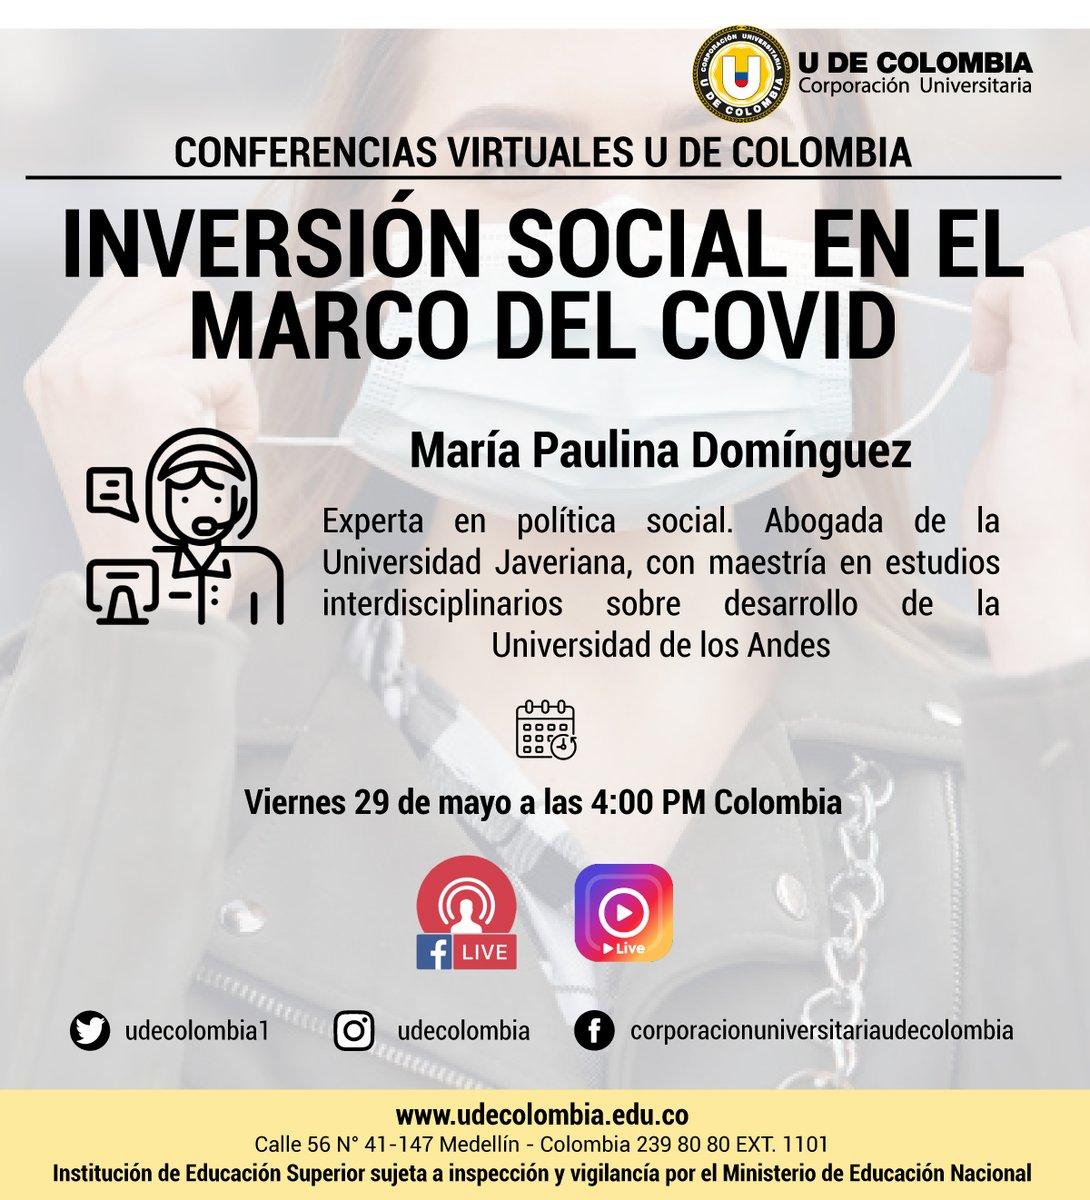 """Mañana a las 4:00 pm """"Inversión social en el marco del Covid"""", no te la pierdas!  . . . . . . #conferencias #virtuales #udecolombia #2020 #covid #medellin #universidad #pregrados #posgradospic.twitter.com/ElGrcckwaC"""